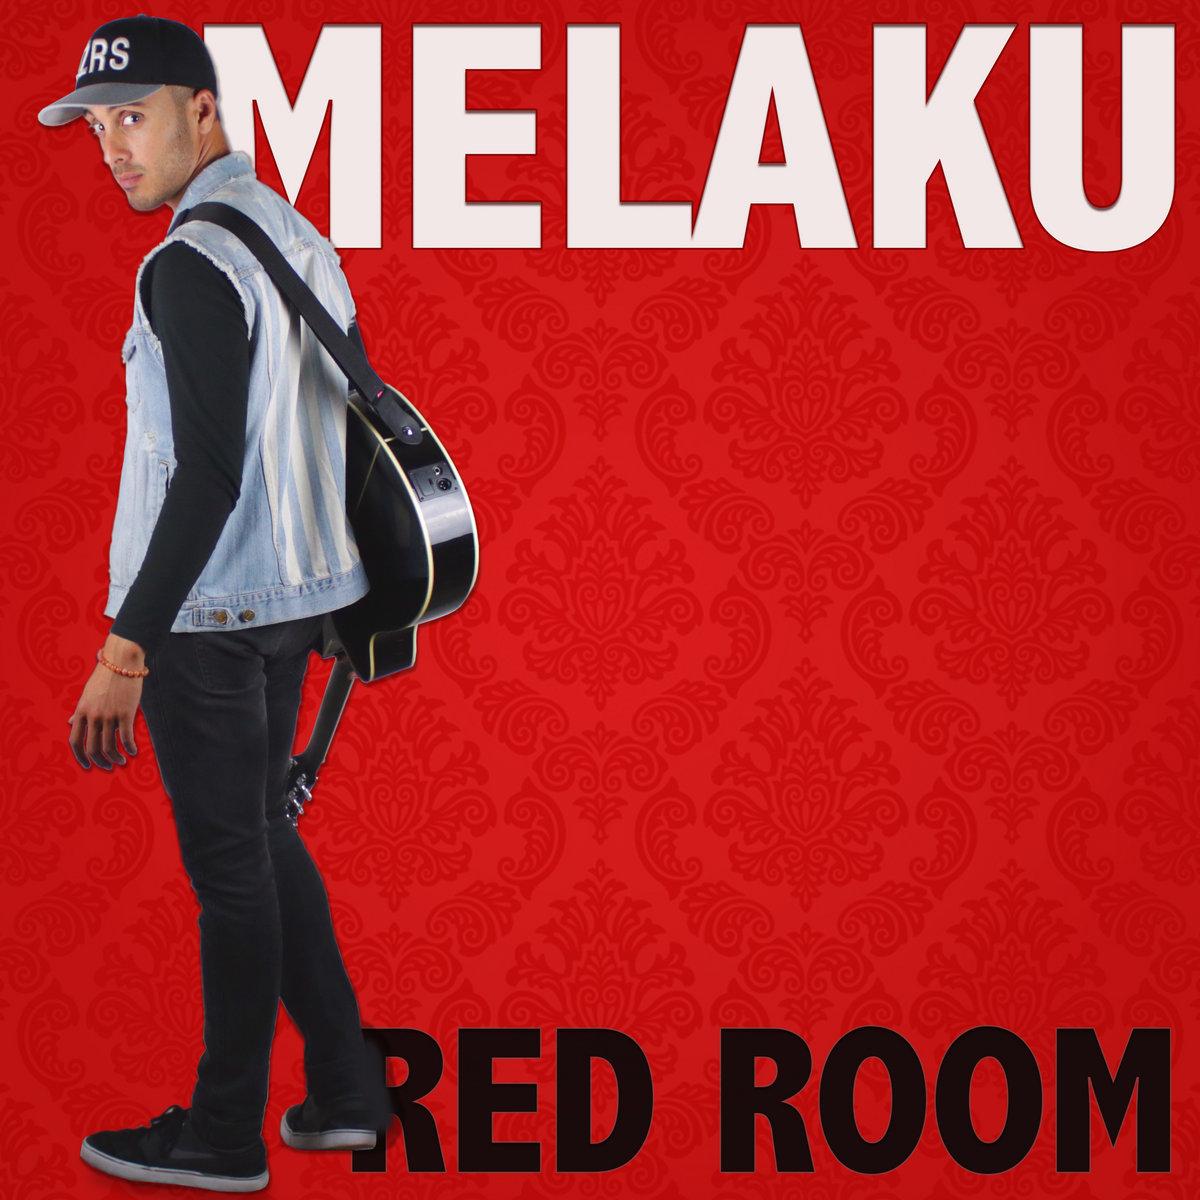 Red Room by Melaku